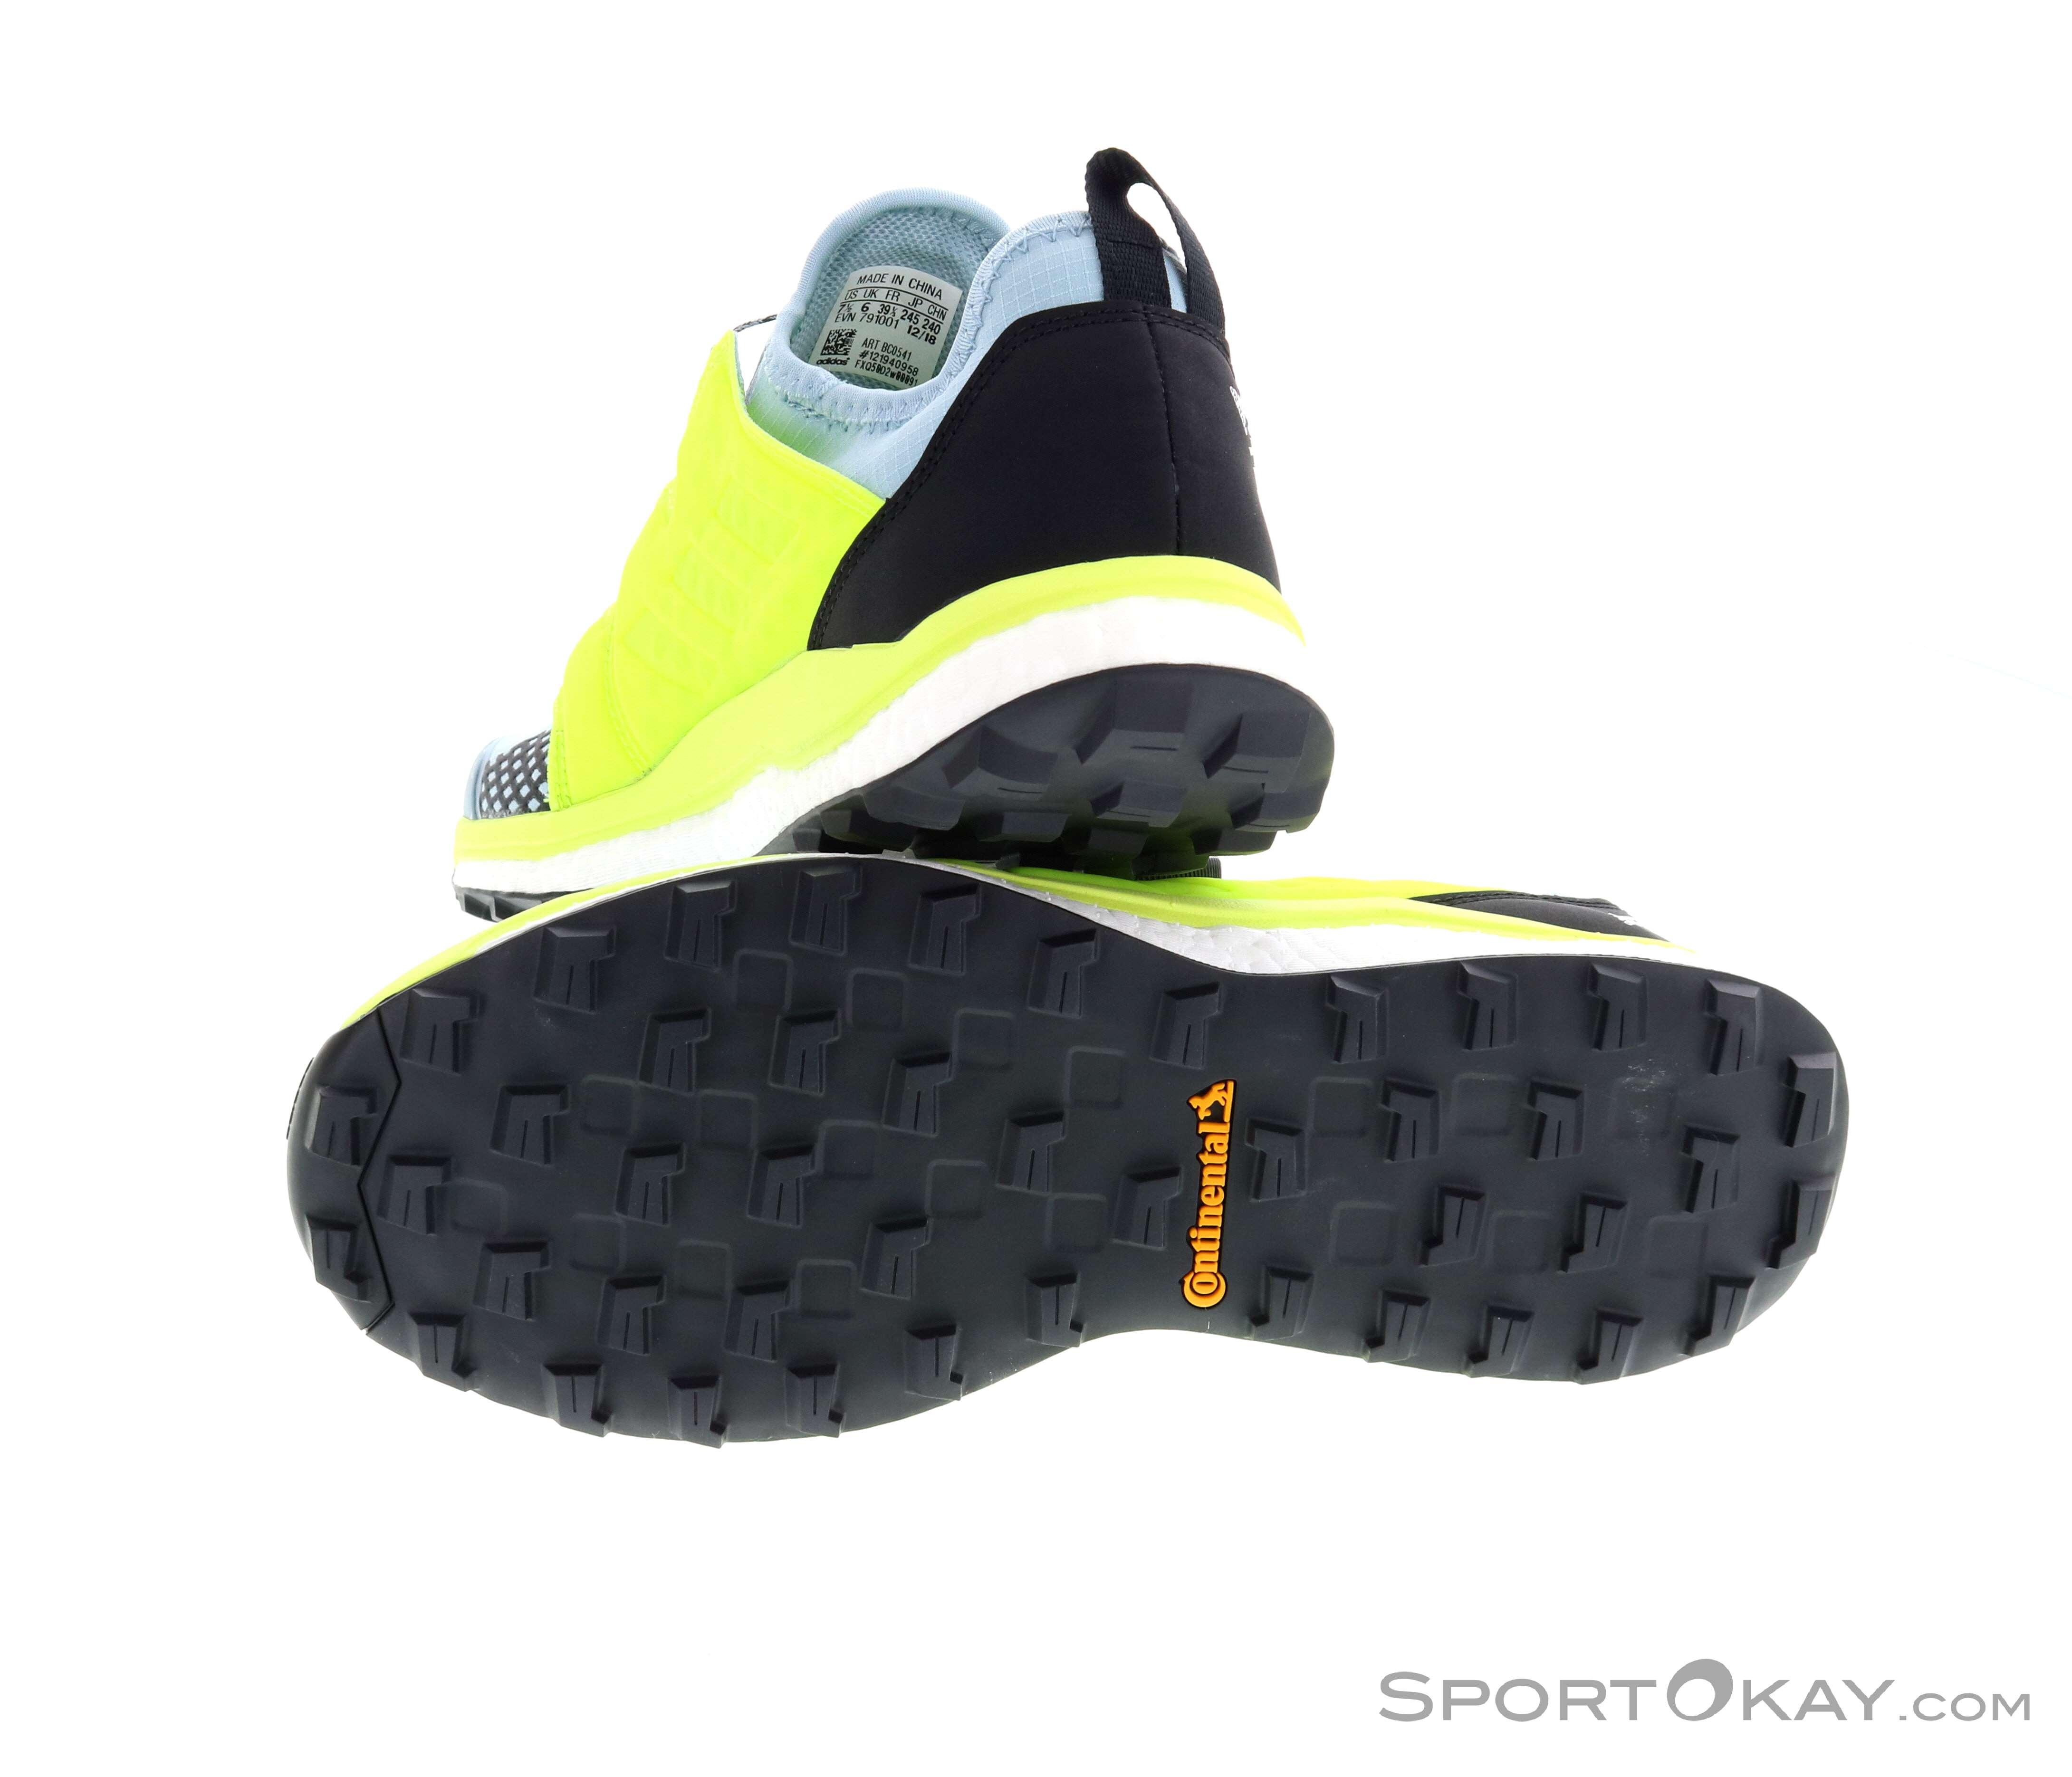 Agravic Boa Scarpe Donna Da Running Adidas Terrex Trail wP0nk8OX